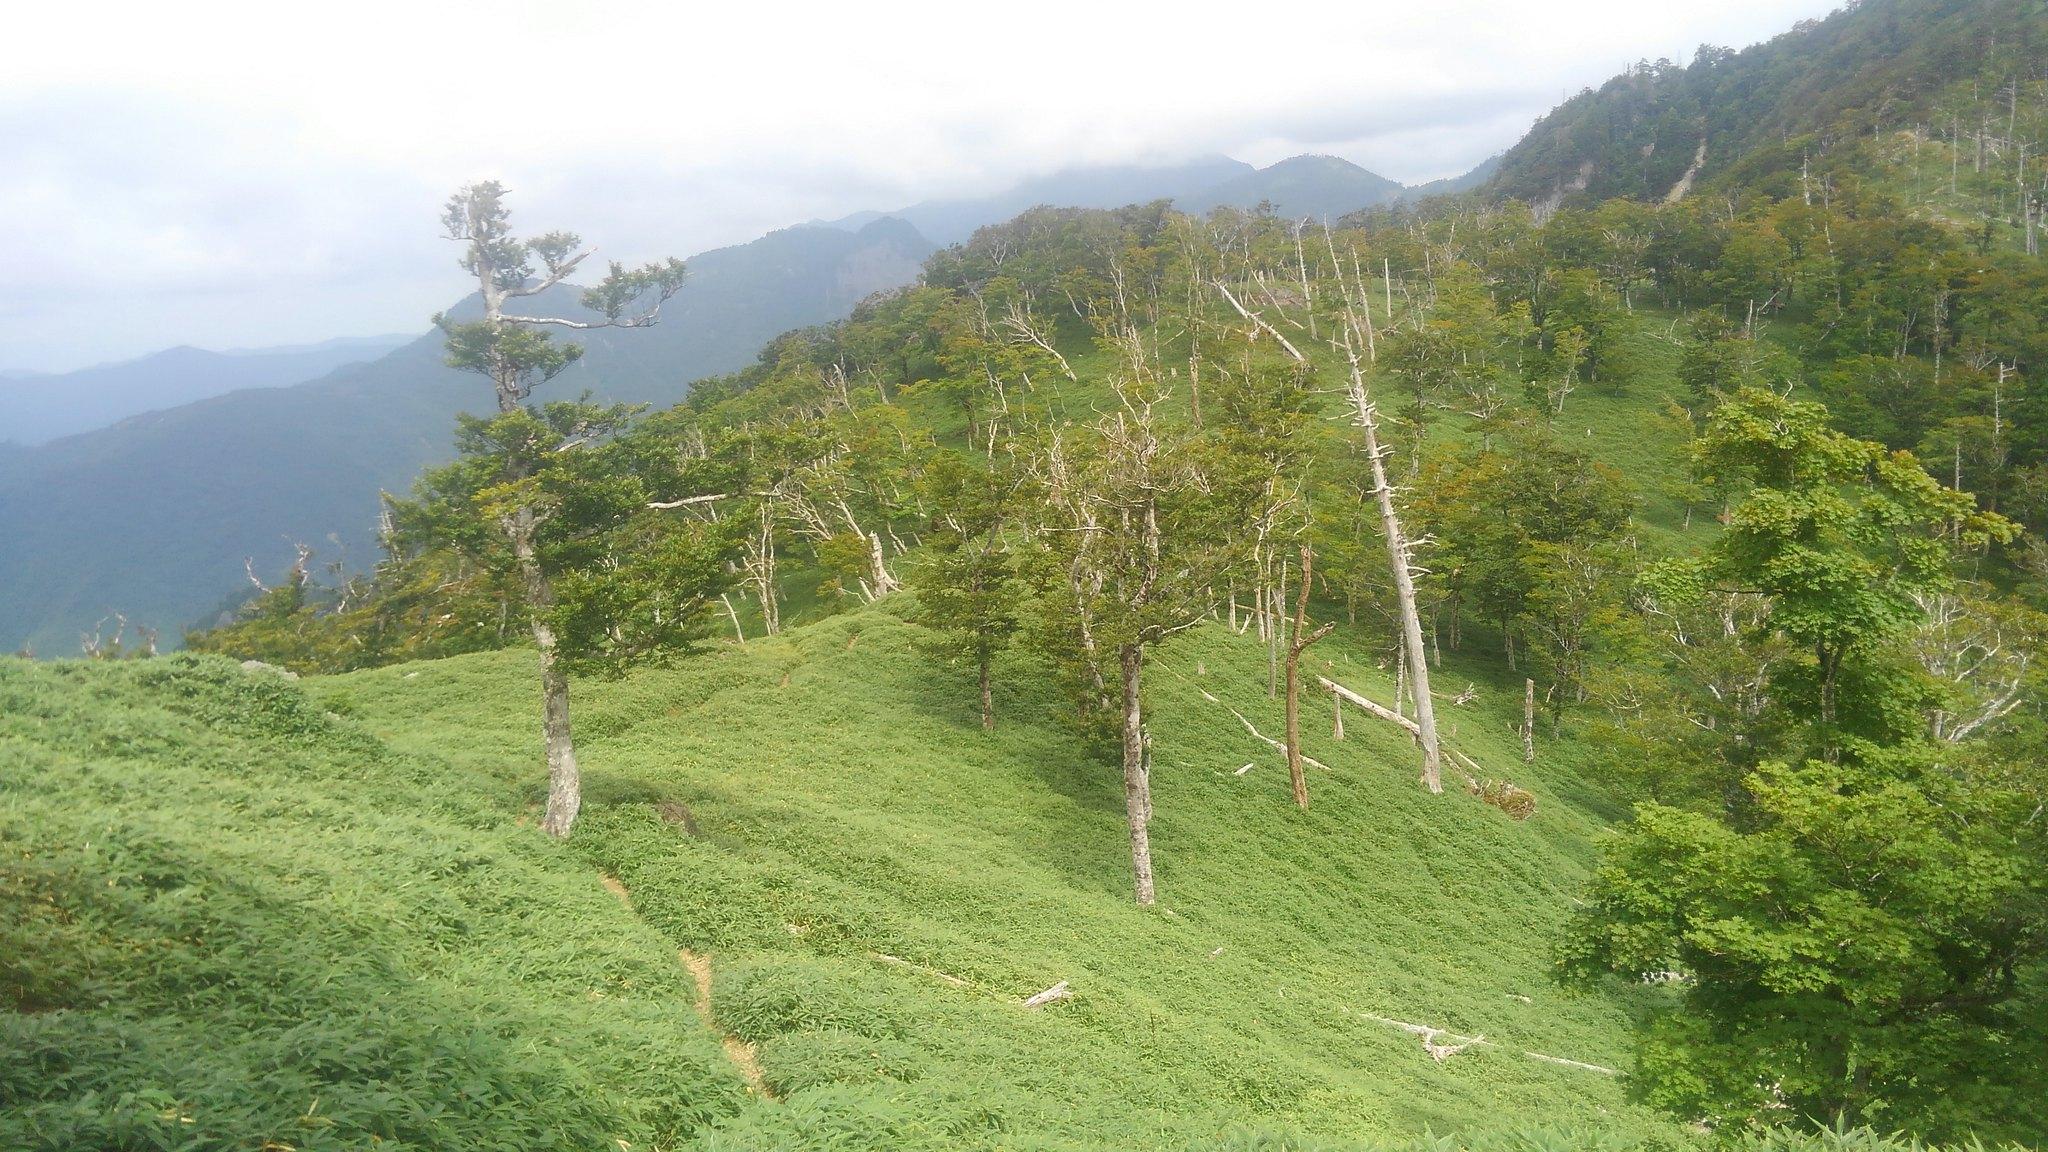 Mt. Shakagatake